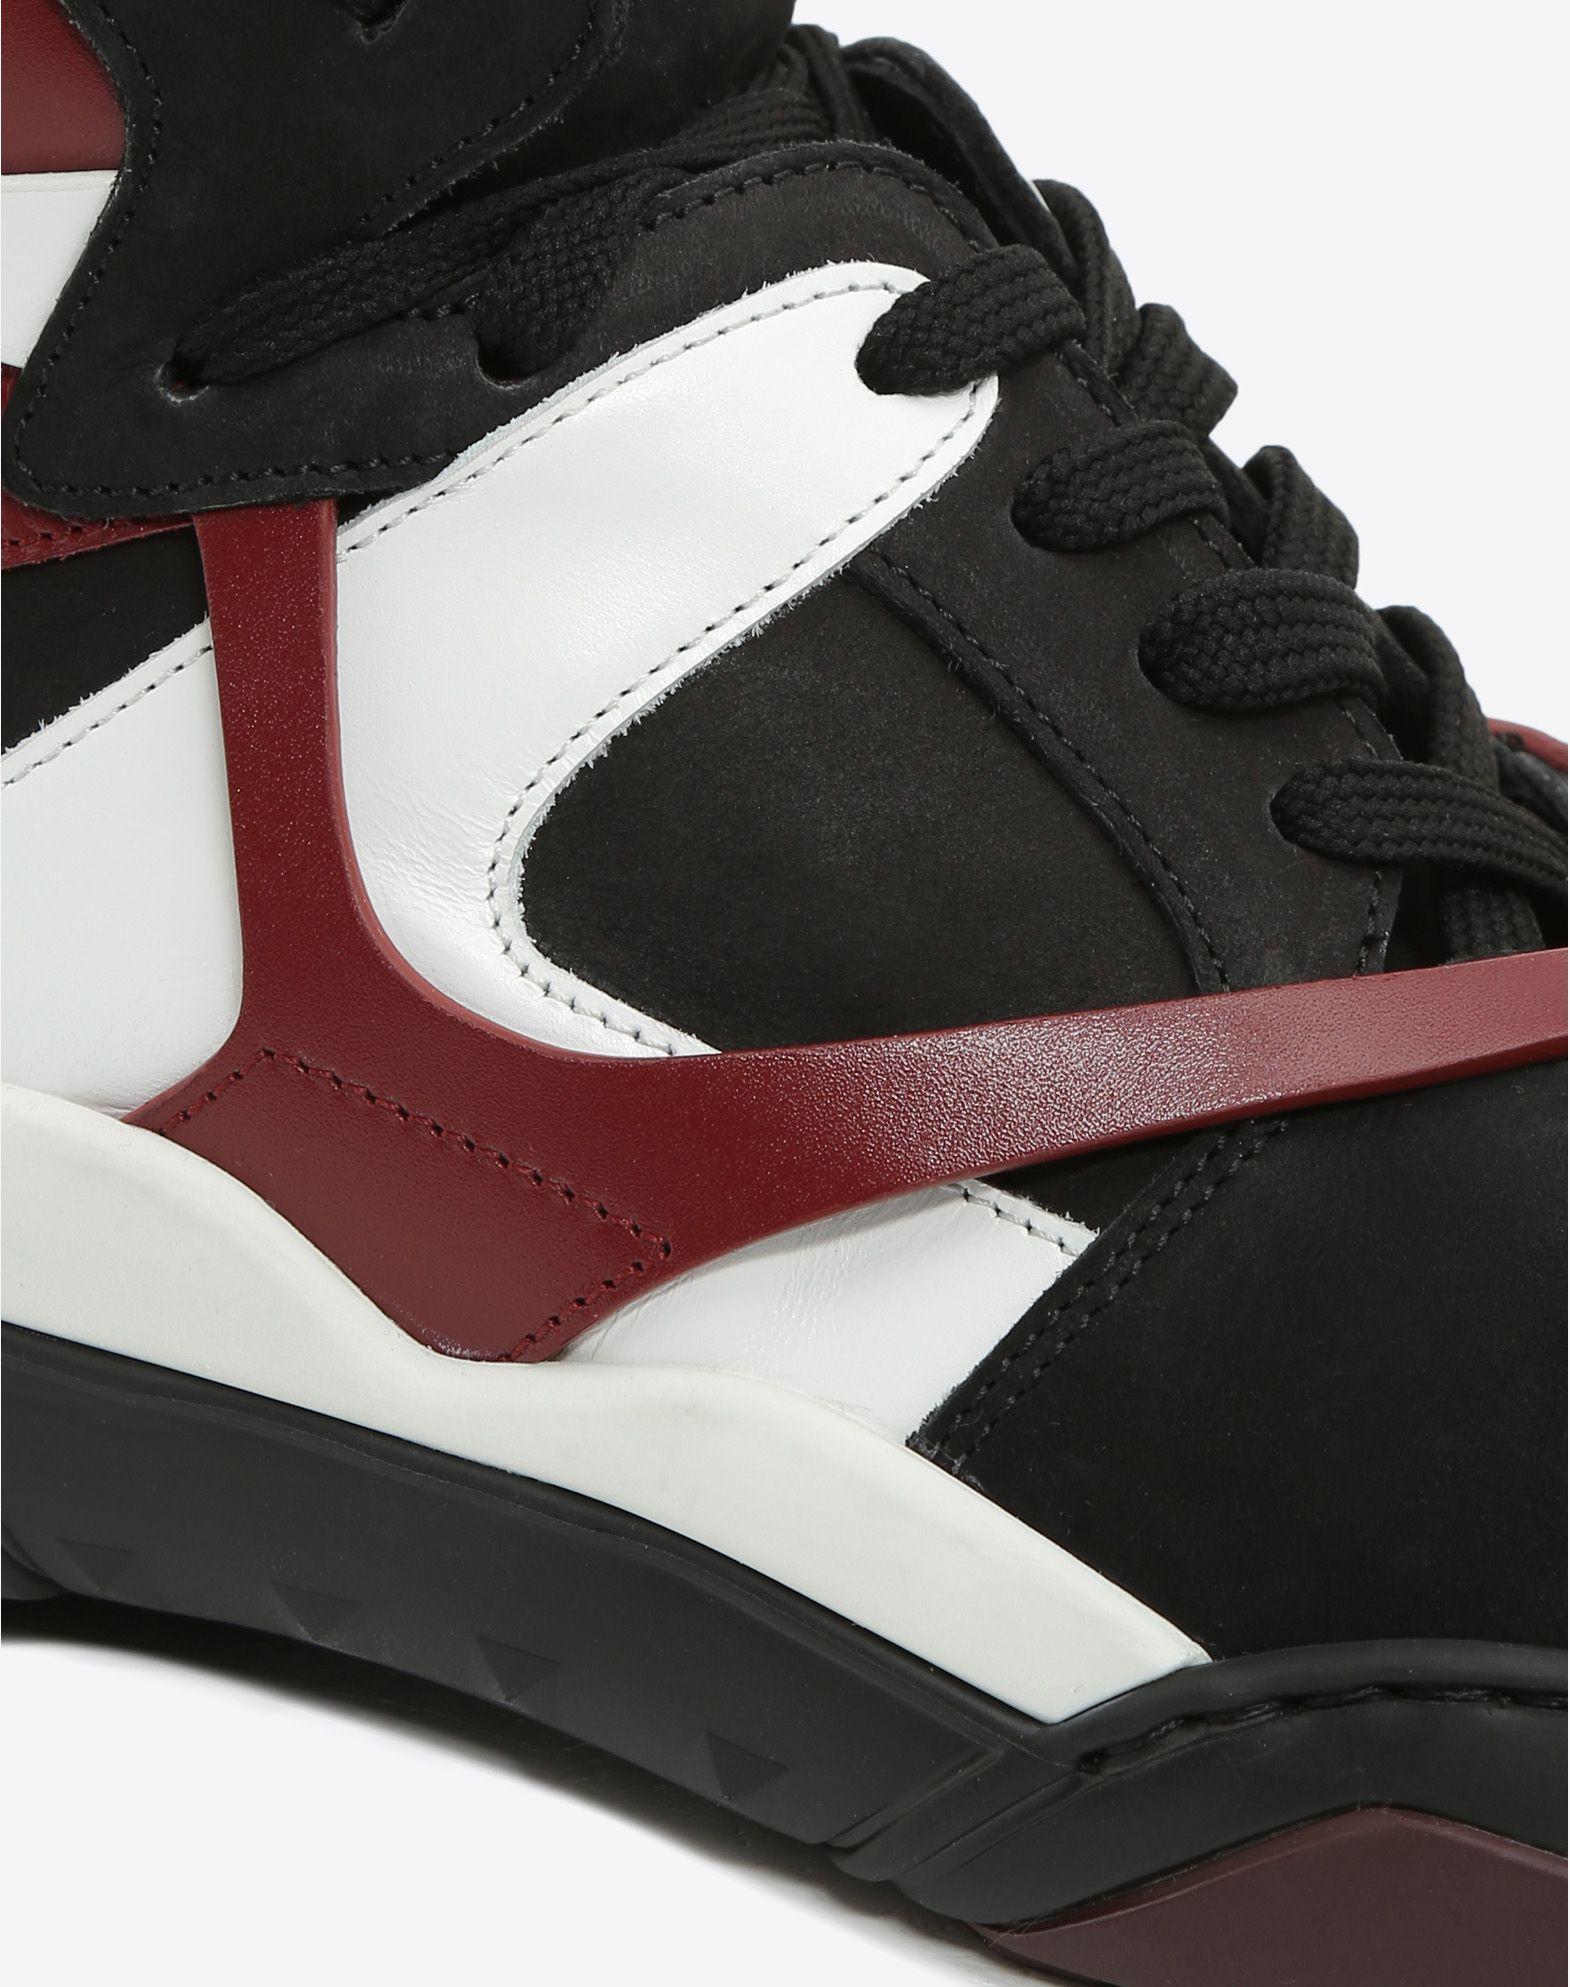 VALENTINO GARAVANI UOMO Made One 运动鞋 高帮运动鞋 U b